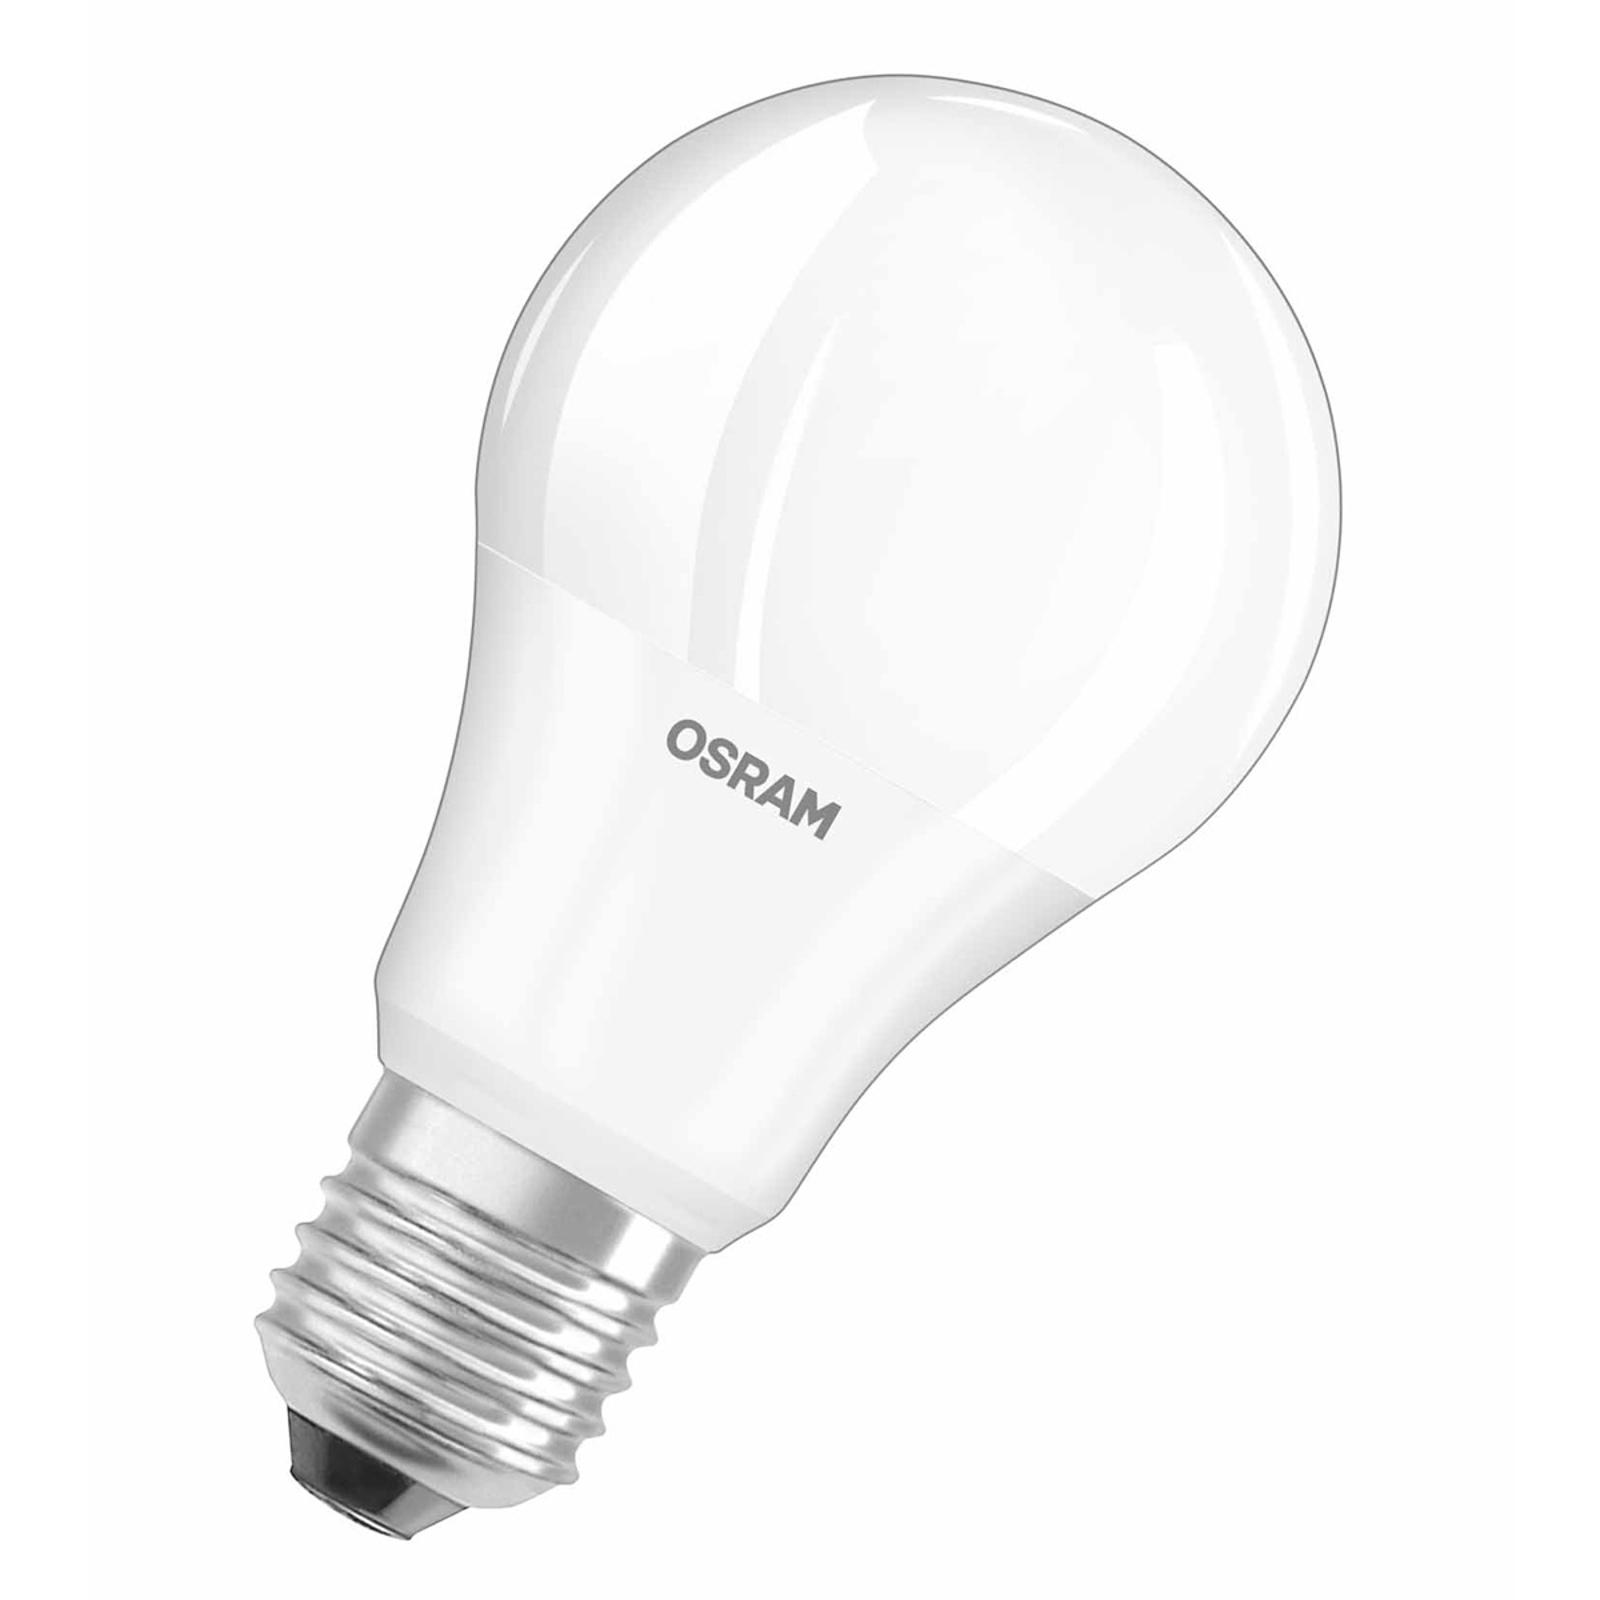 Ampoule LED E27 9W 827, mate, kit de 3